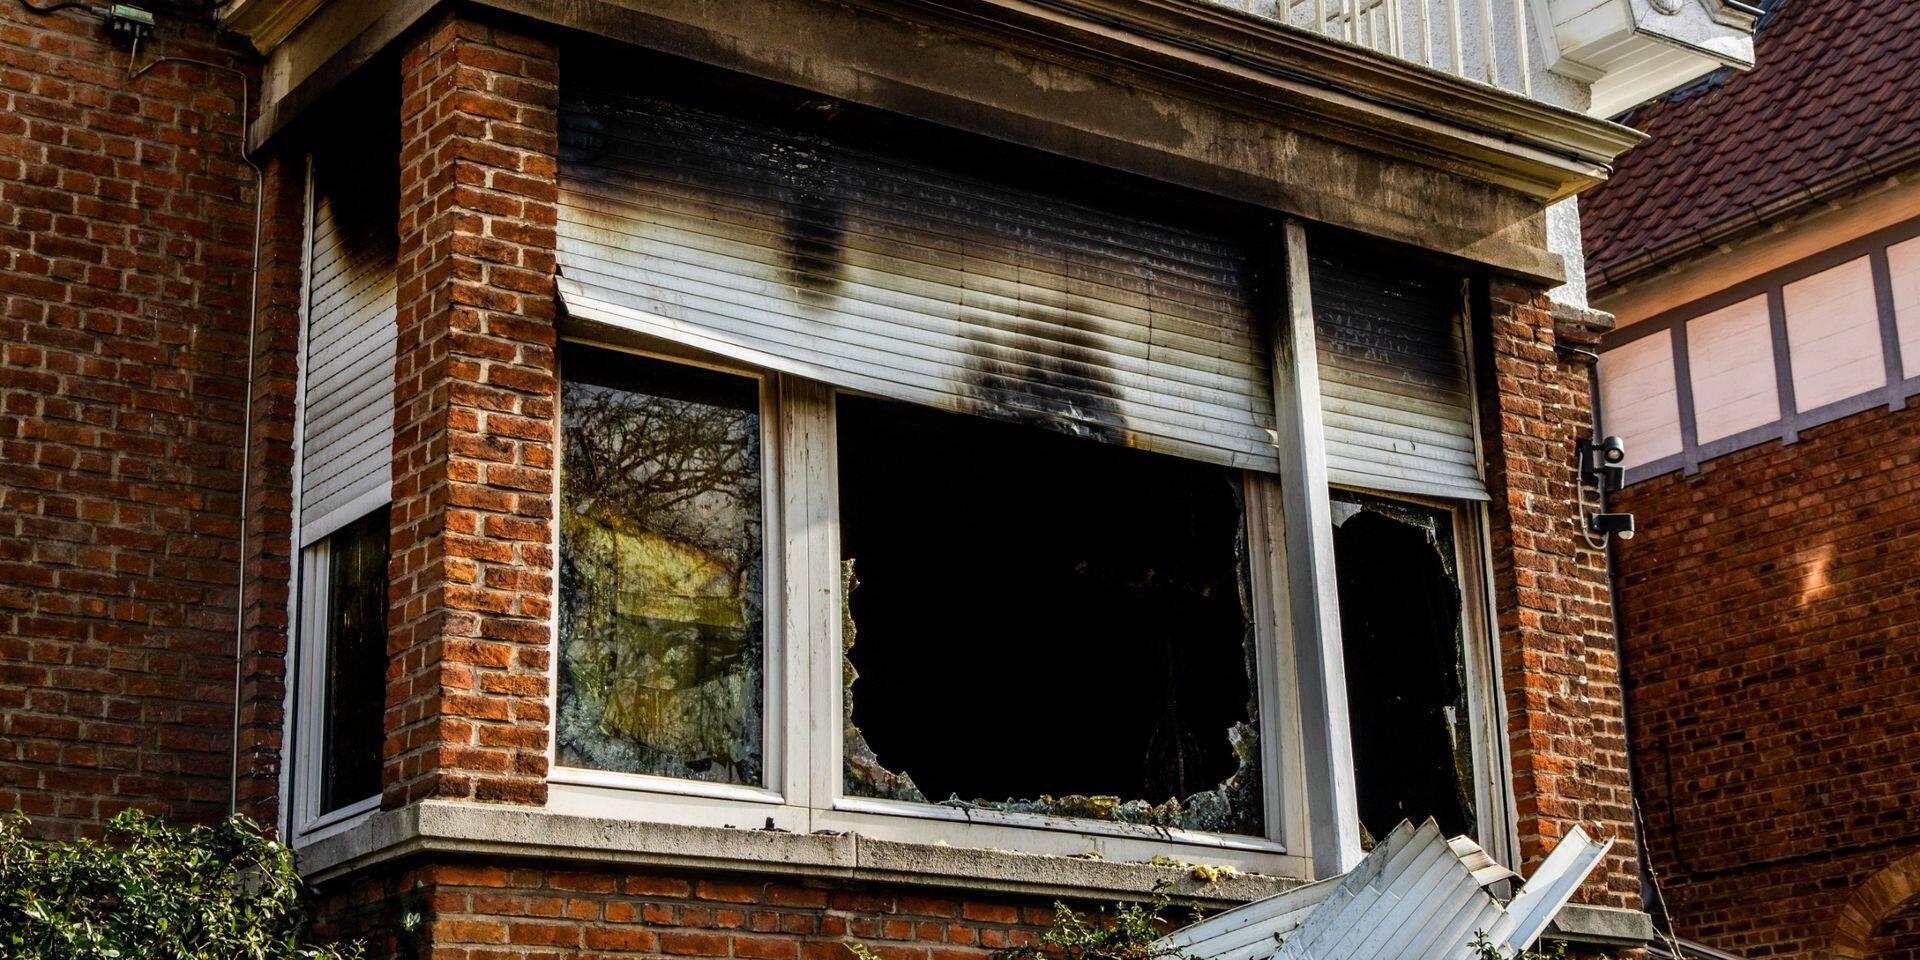 Un homme perd la vie dans l'incendie de son habitation à Watermael-Boitsfort